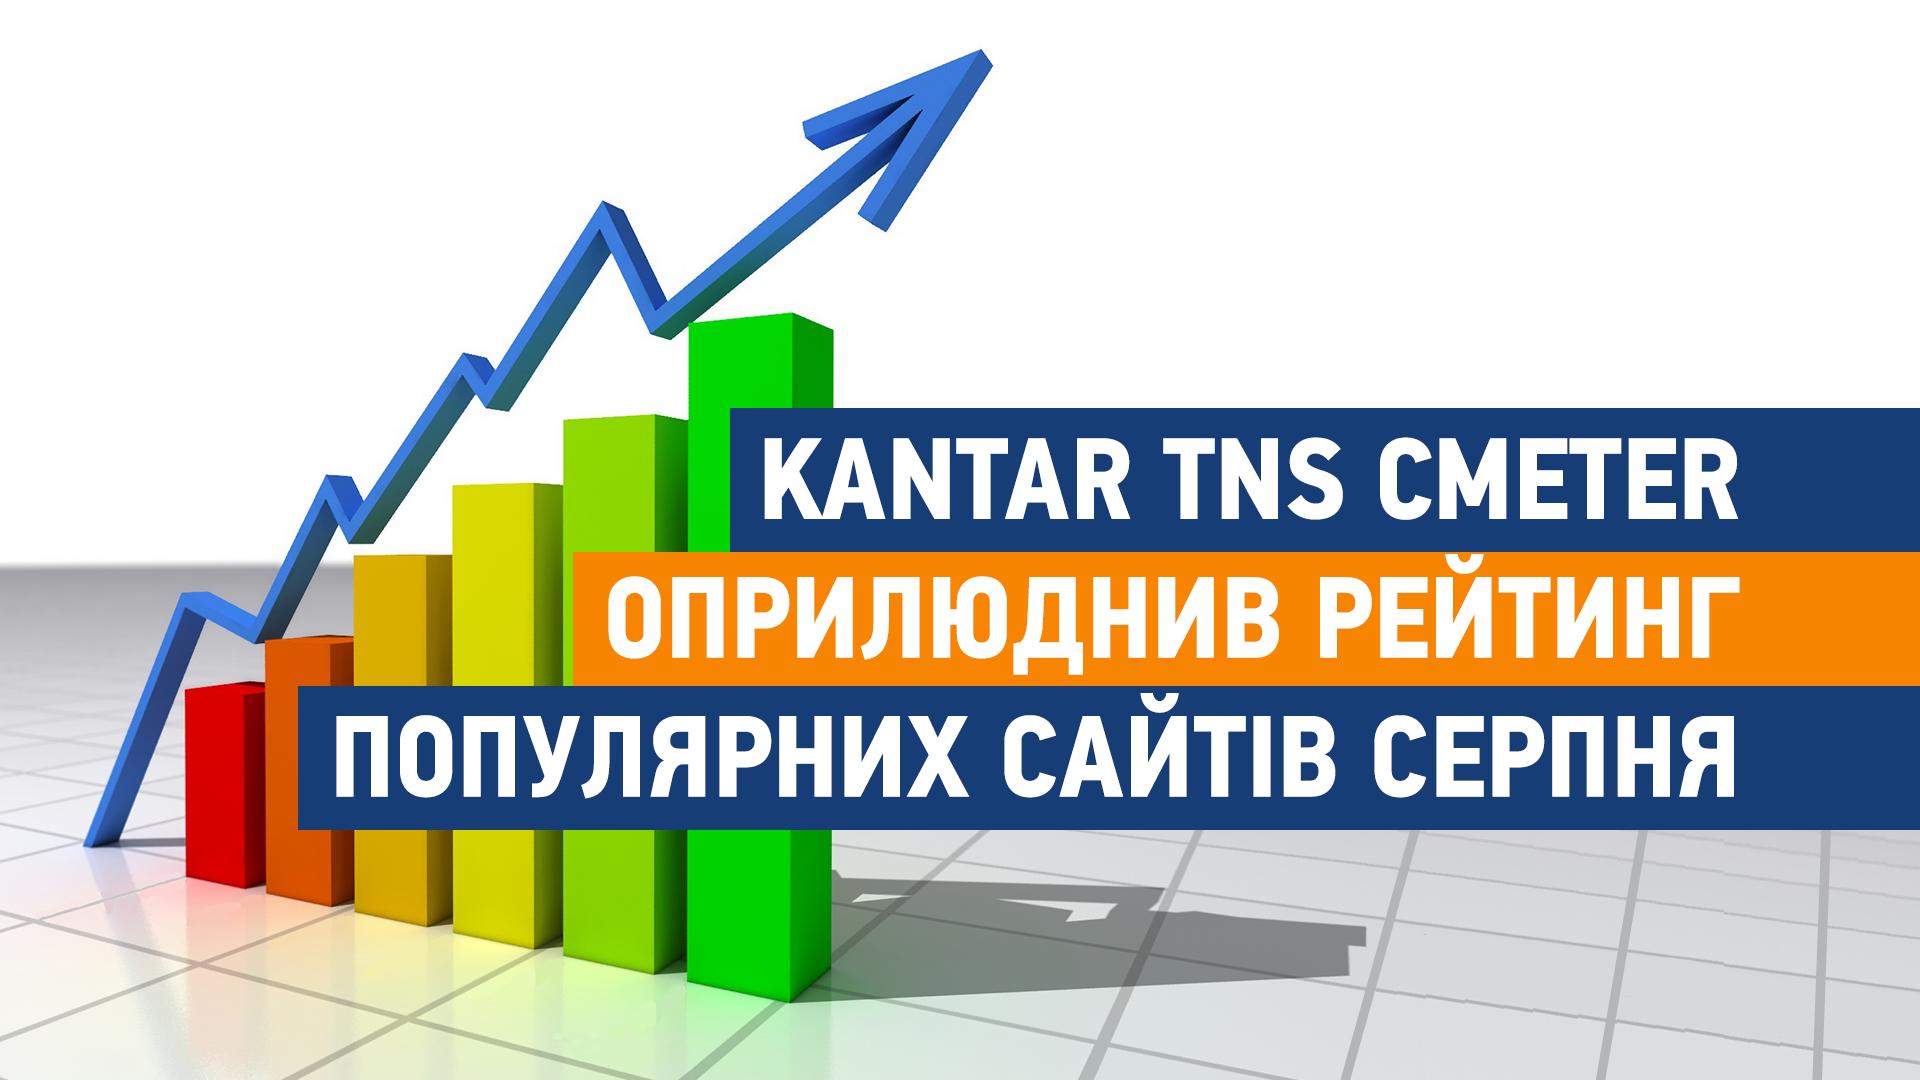 Стали відомі найпопулярніші сайти в Україні за серпень